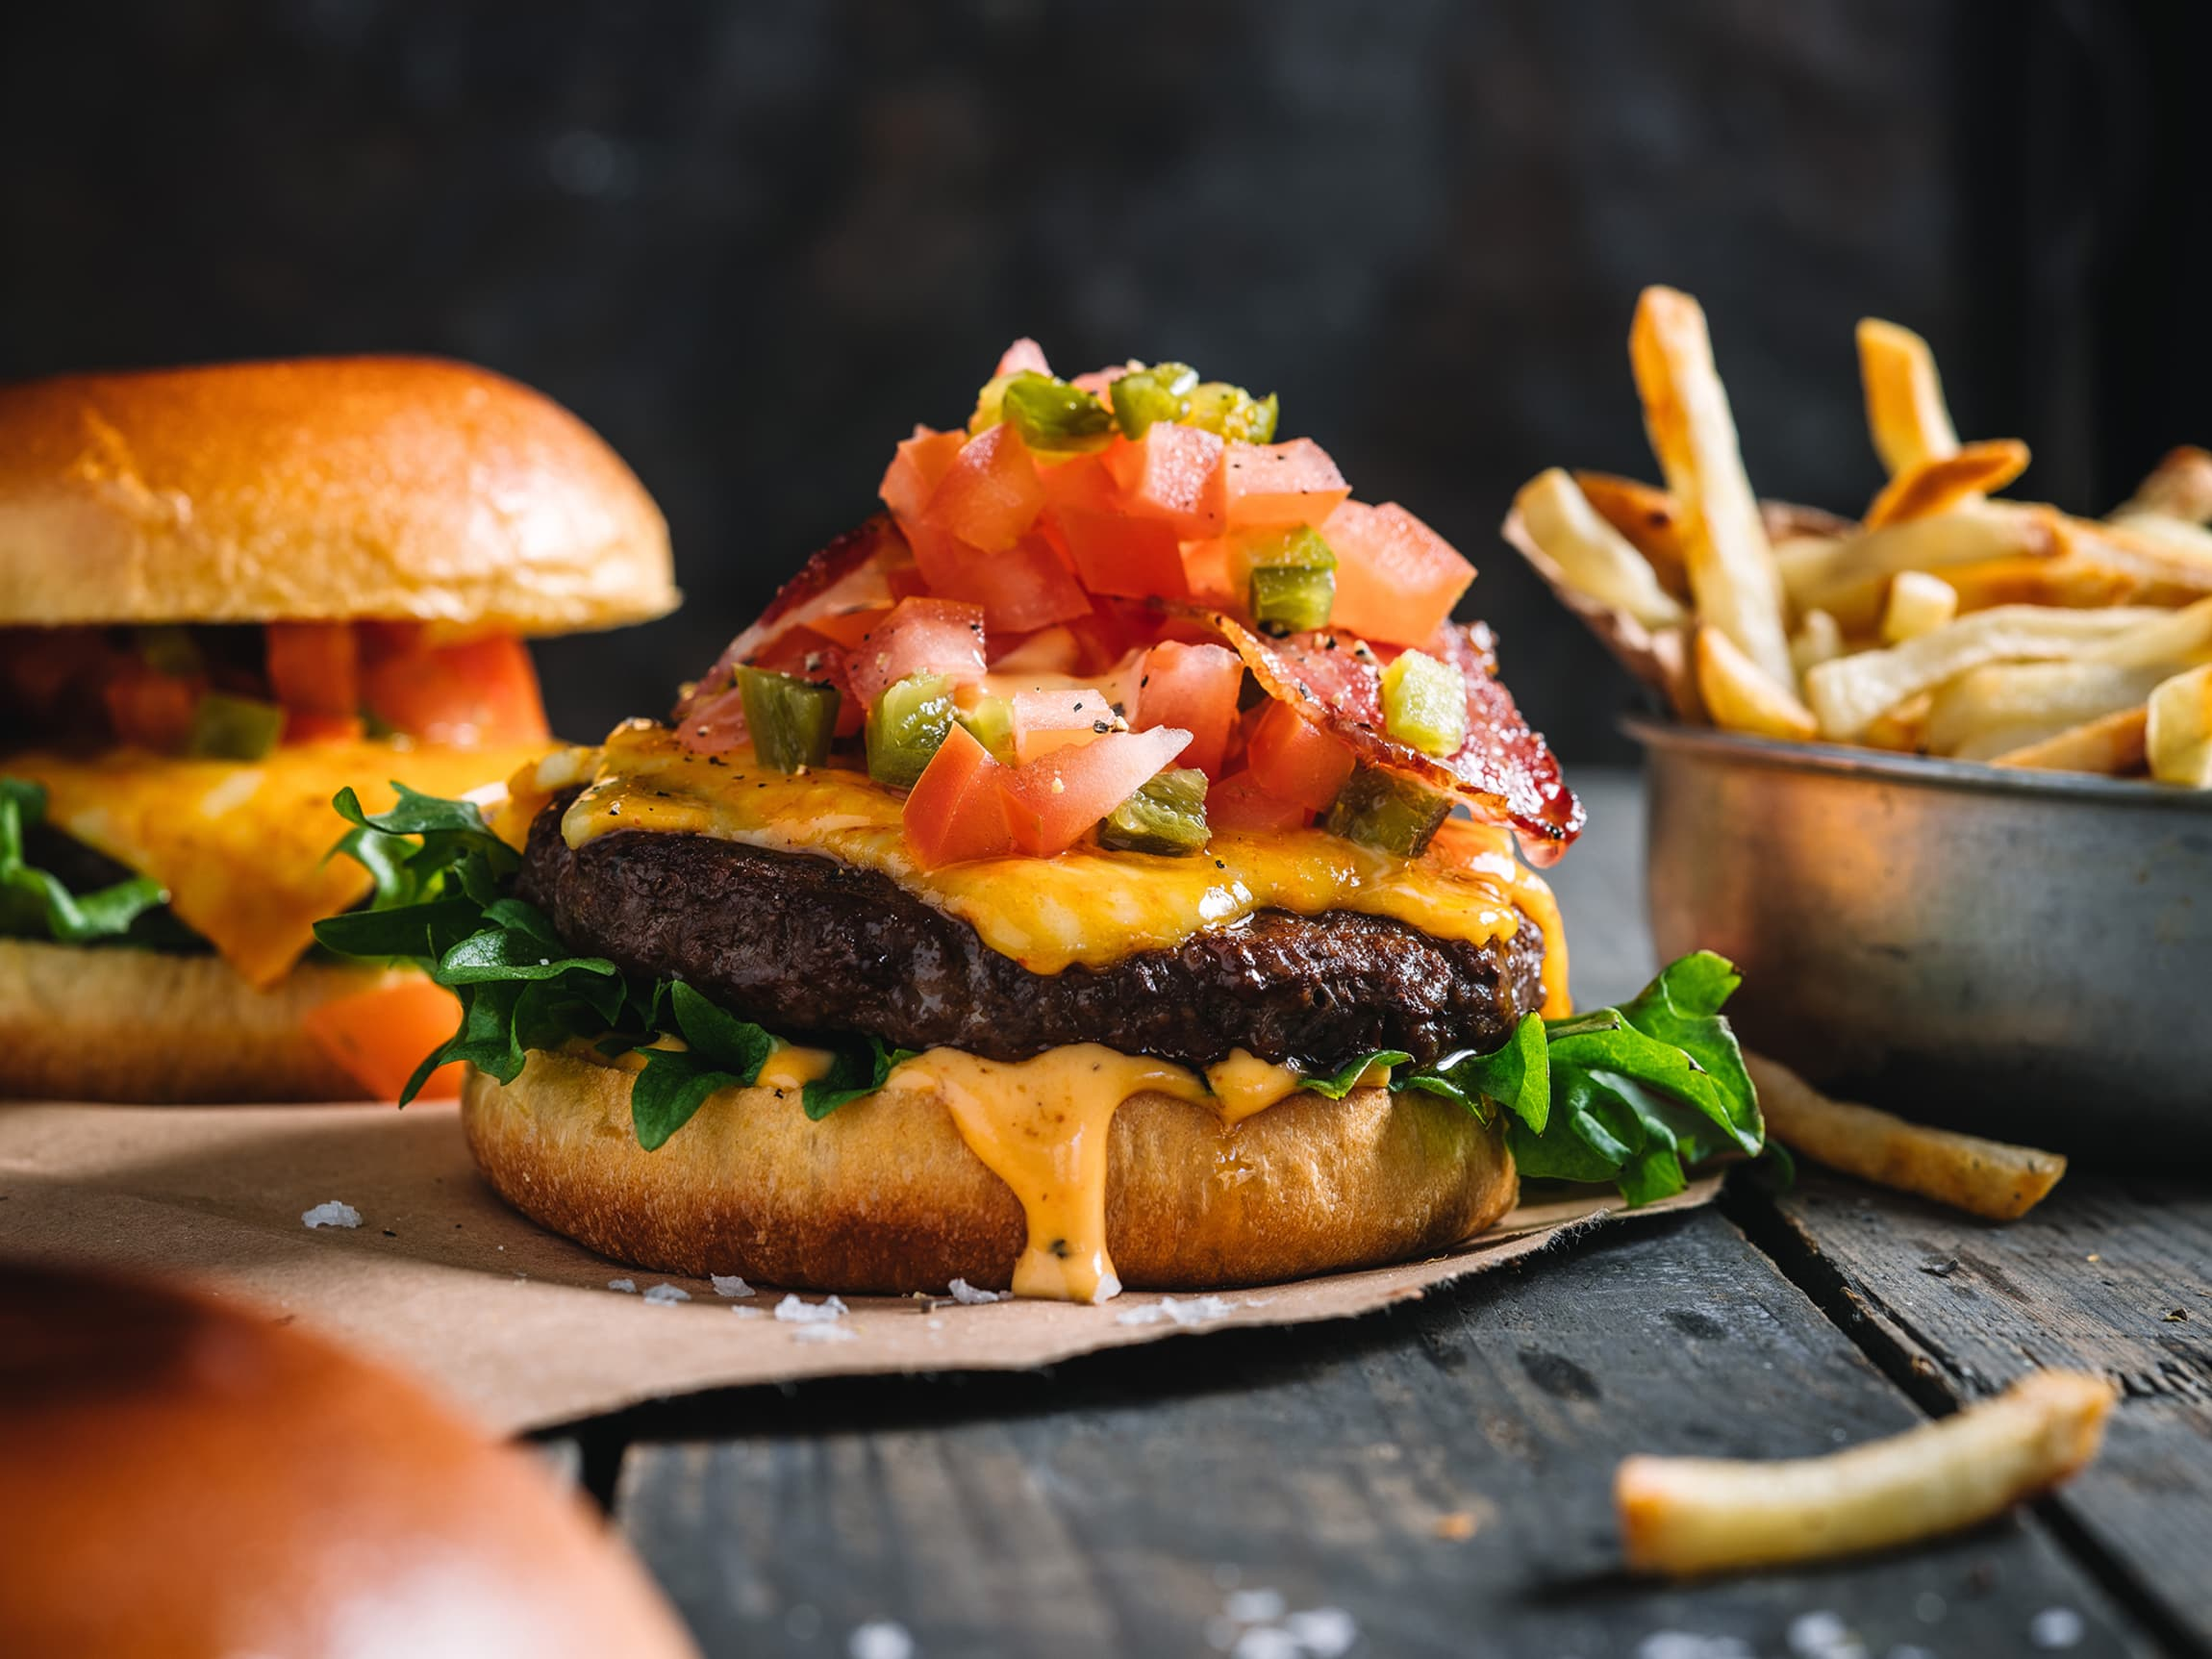 Saftig Angusburger med tørrsaltet bacon, sterk ost, chipotlemajones og tomatsalsa med jalapenos vil garantert sette smaksløkene i sving.